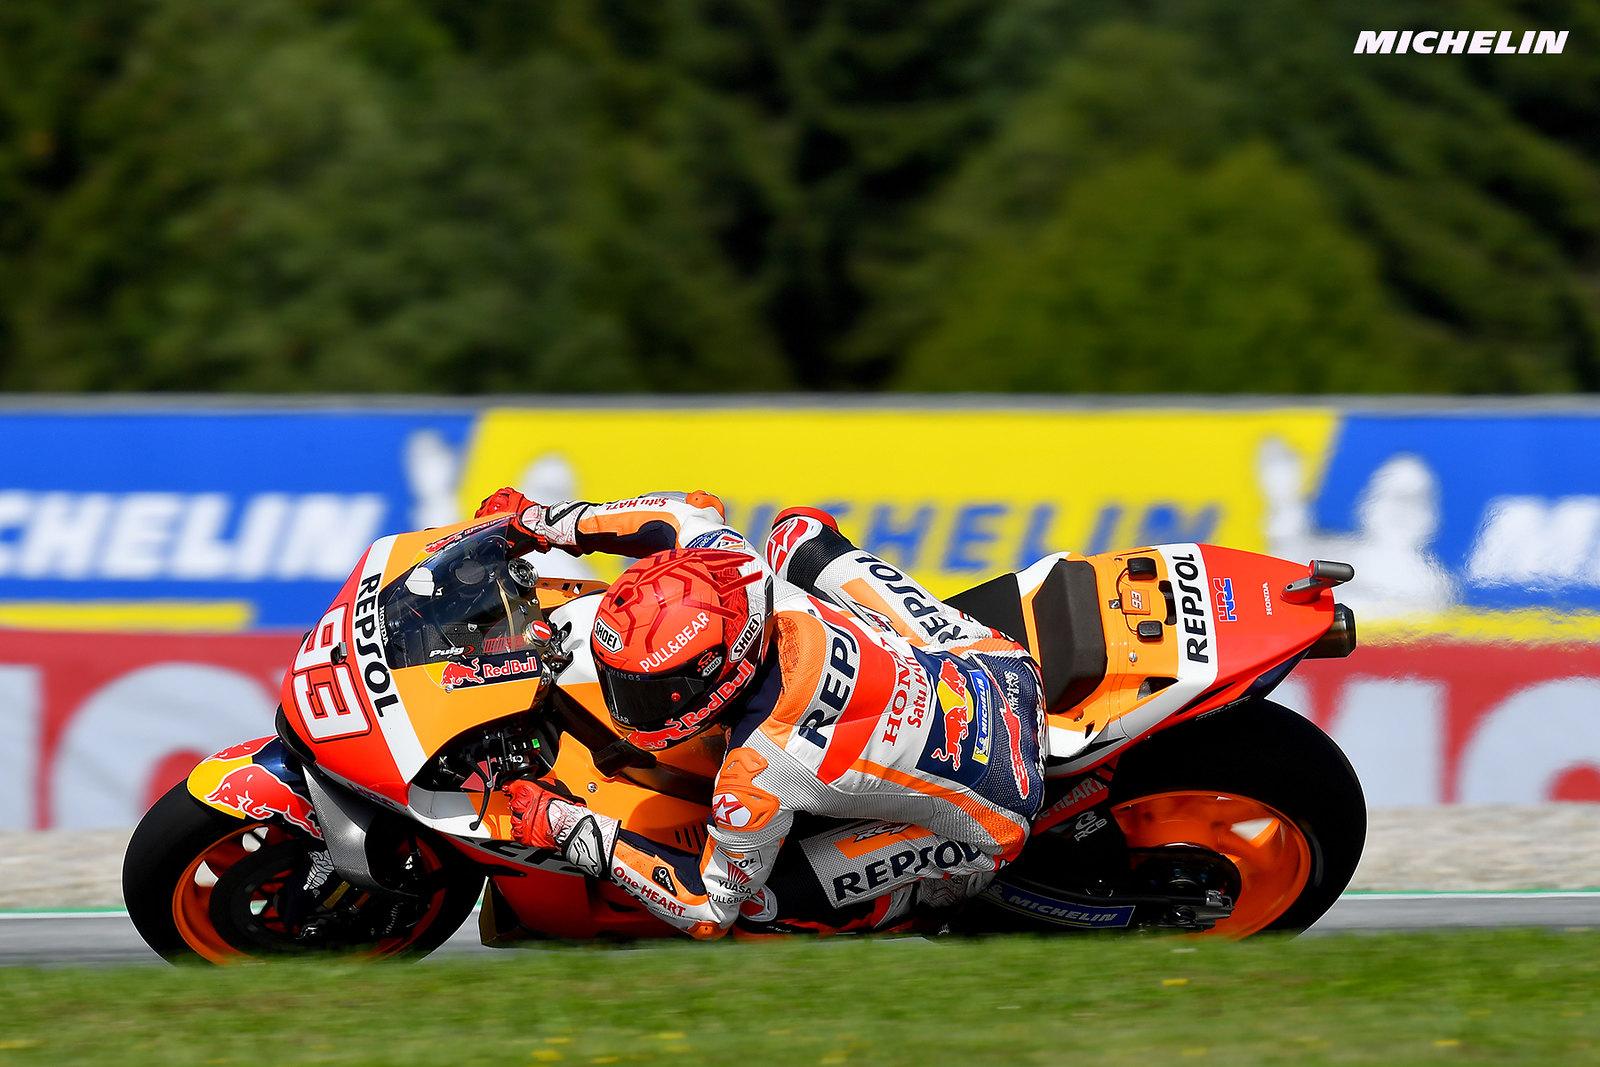 MotoGP2021スティリアGP 予選8位マルク・マルケス「腕はさほど問題にならないだろう」